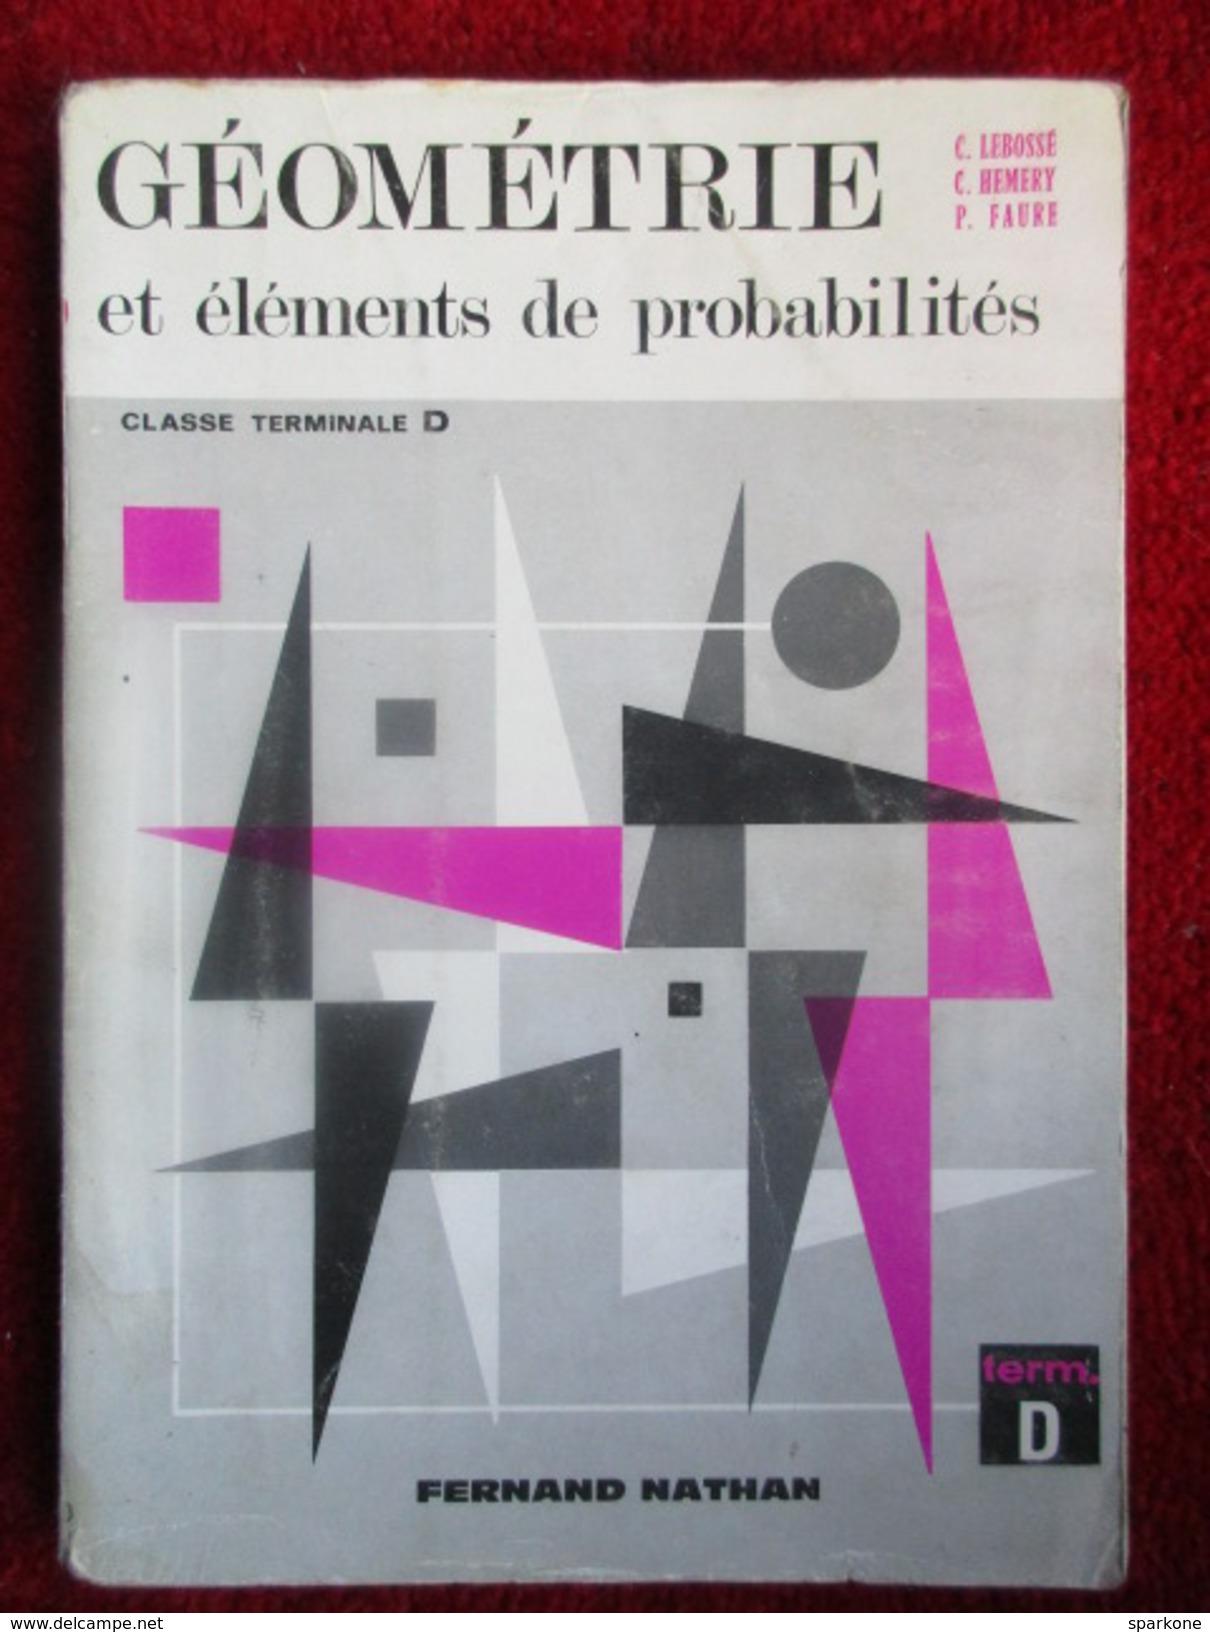 """Géométrie Et éléments De Probabilités """"Terminale""""  (C. Lebossé / C. Hemery / P. Faure) éditions Nathan De 1967 - 12-18 Years Old"""